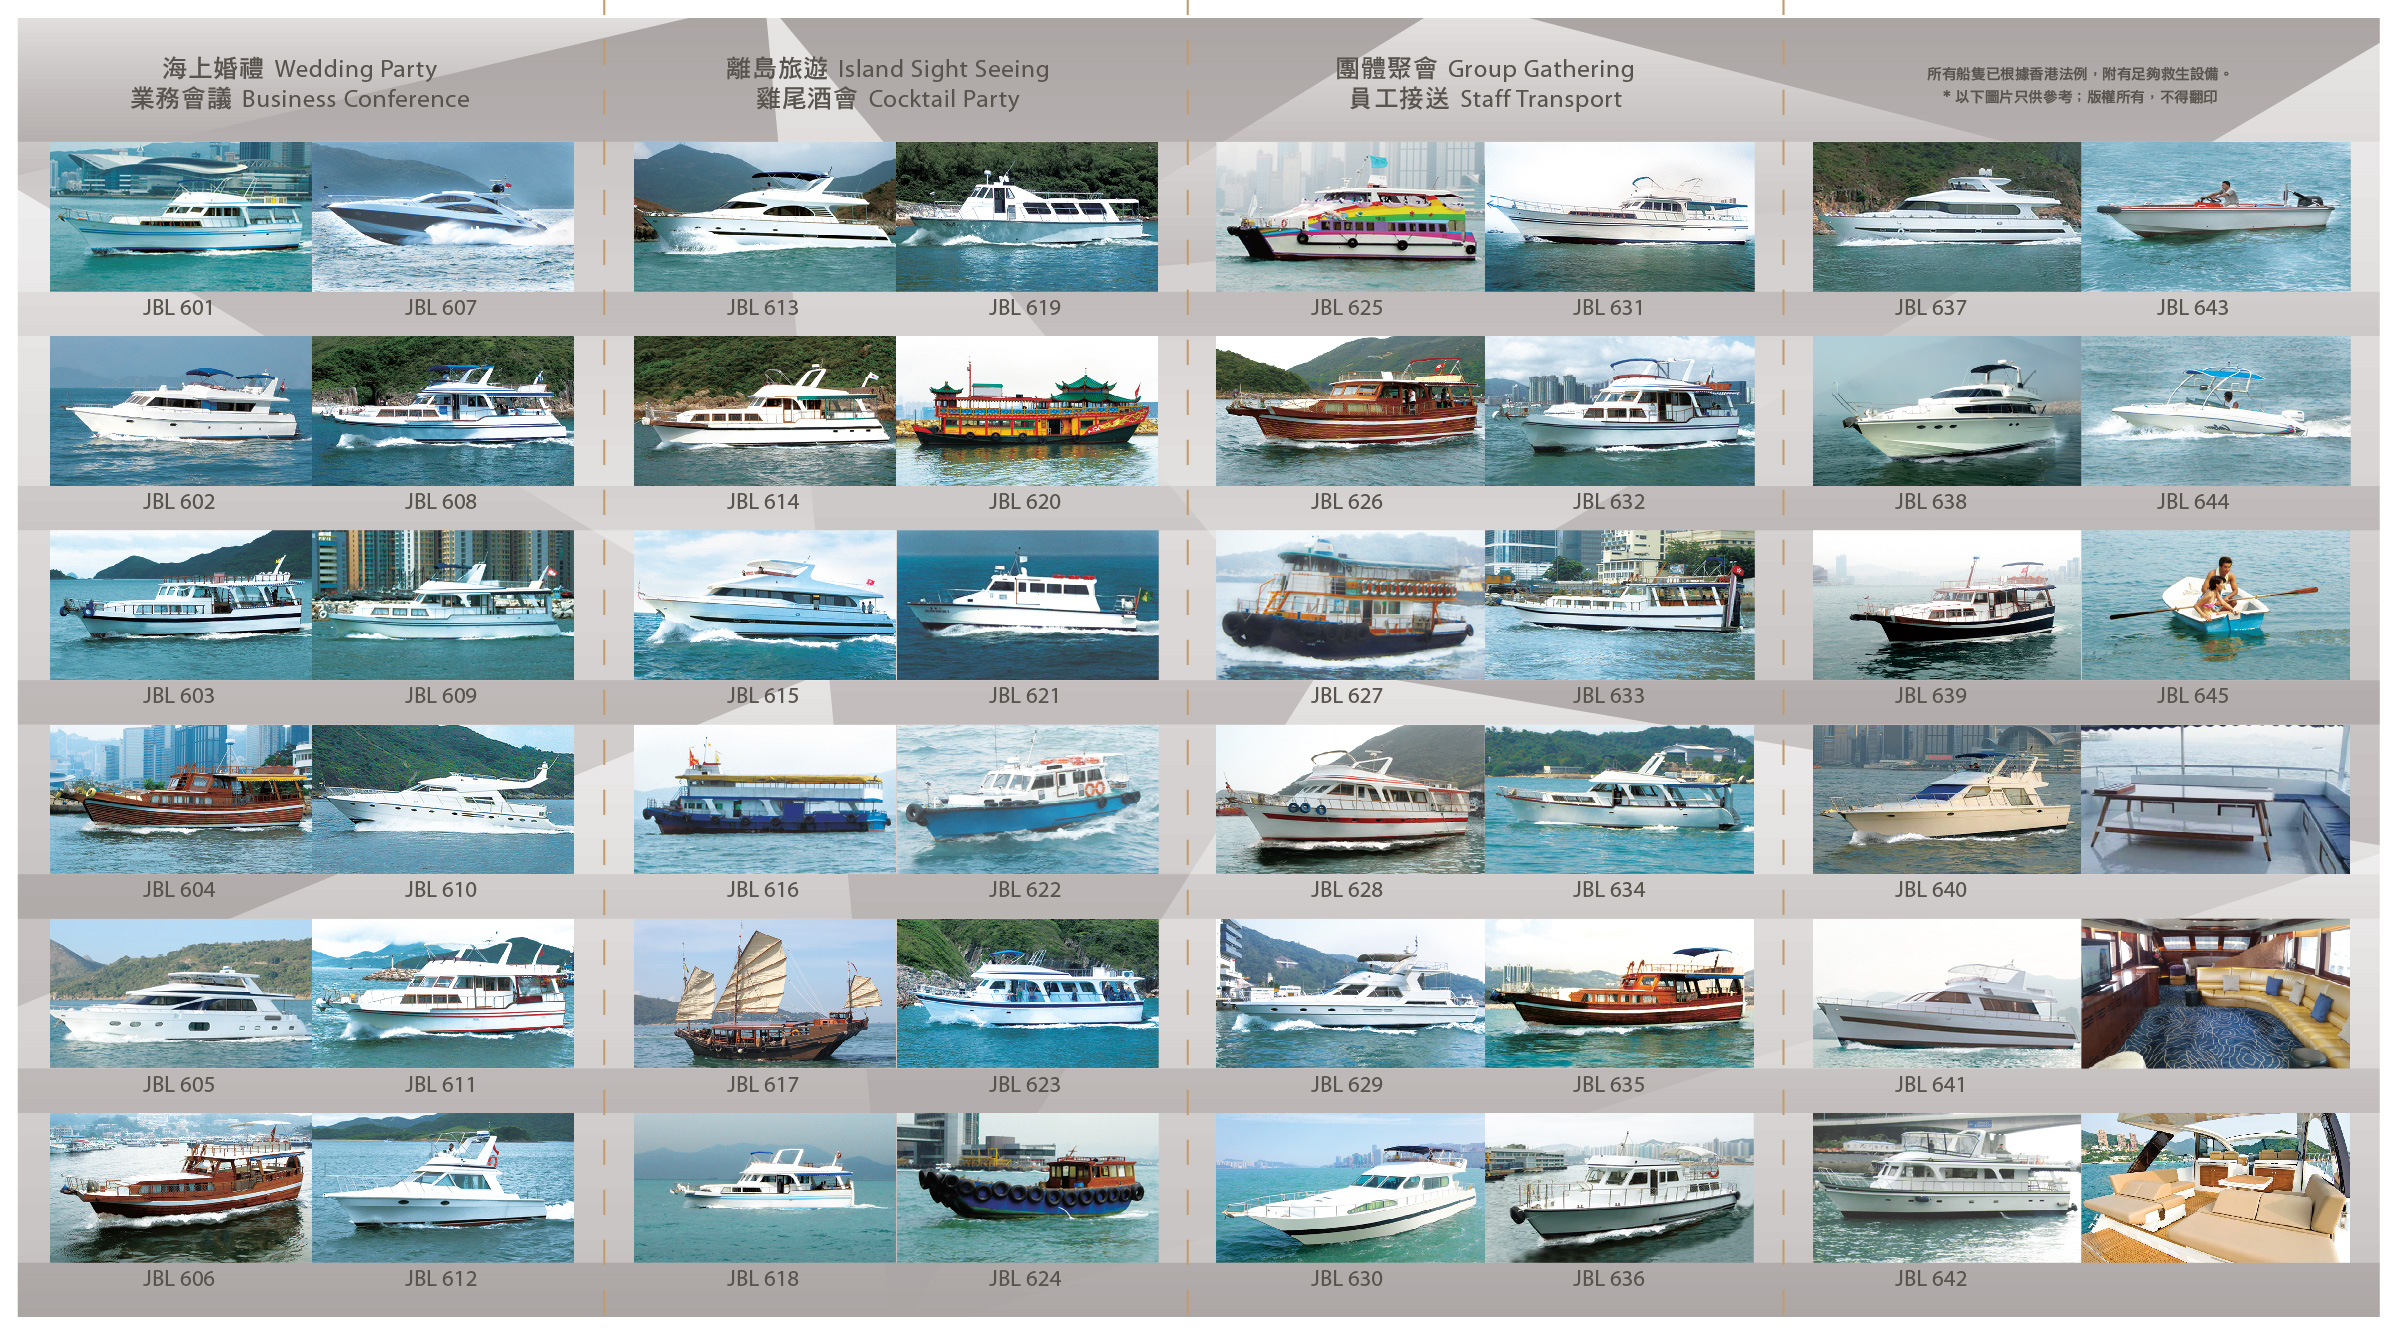 Jubilee Boat